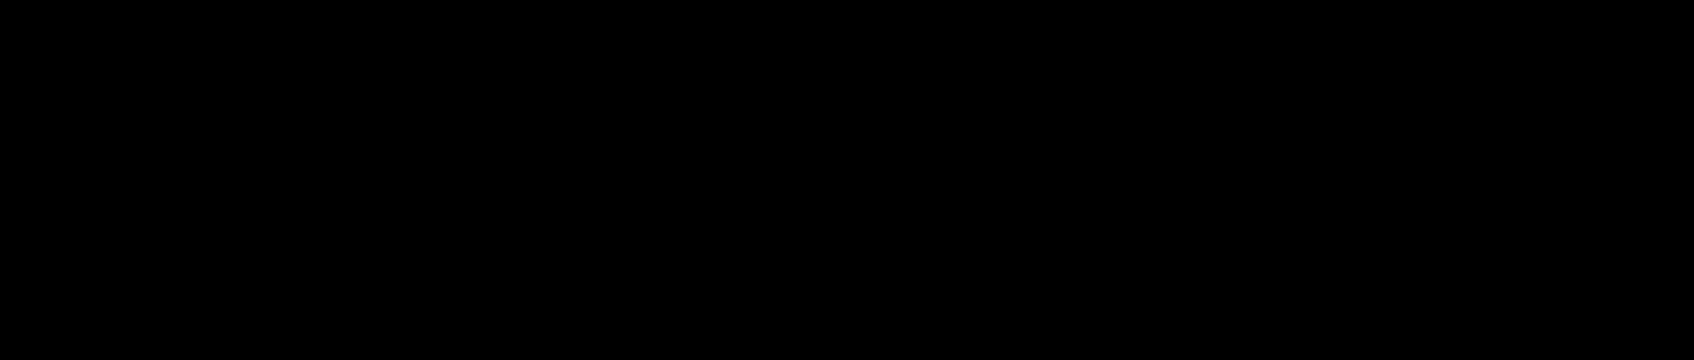 태영의 계열사 (주)지에프앤엘의 로고